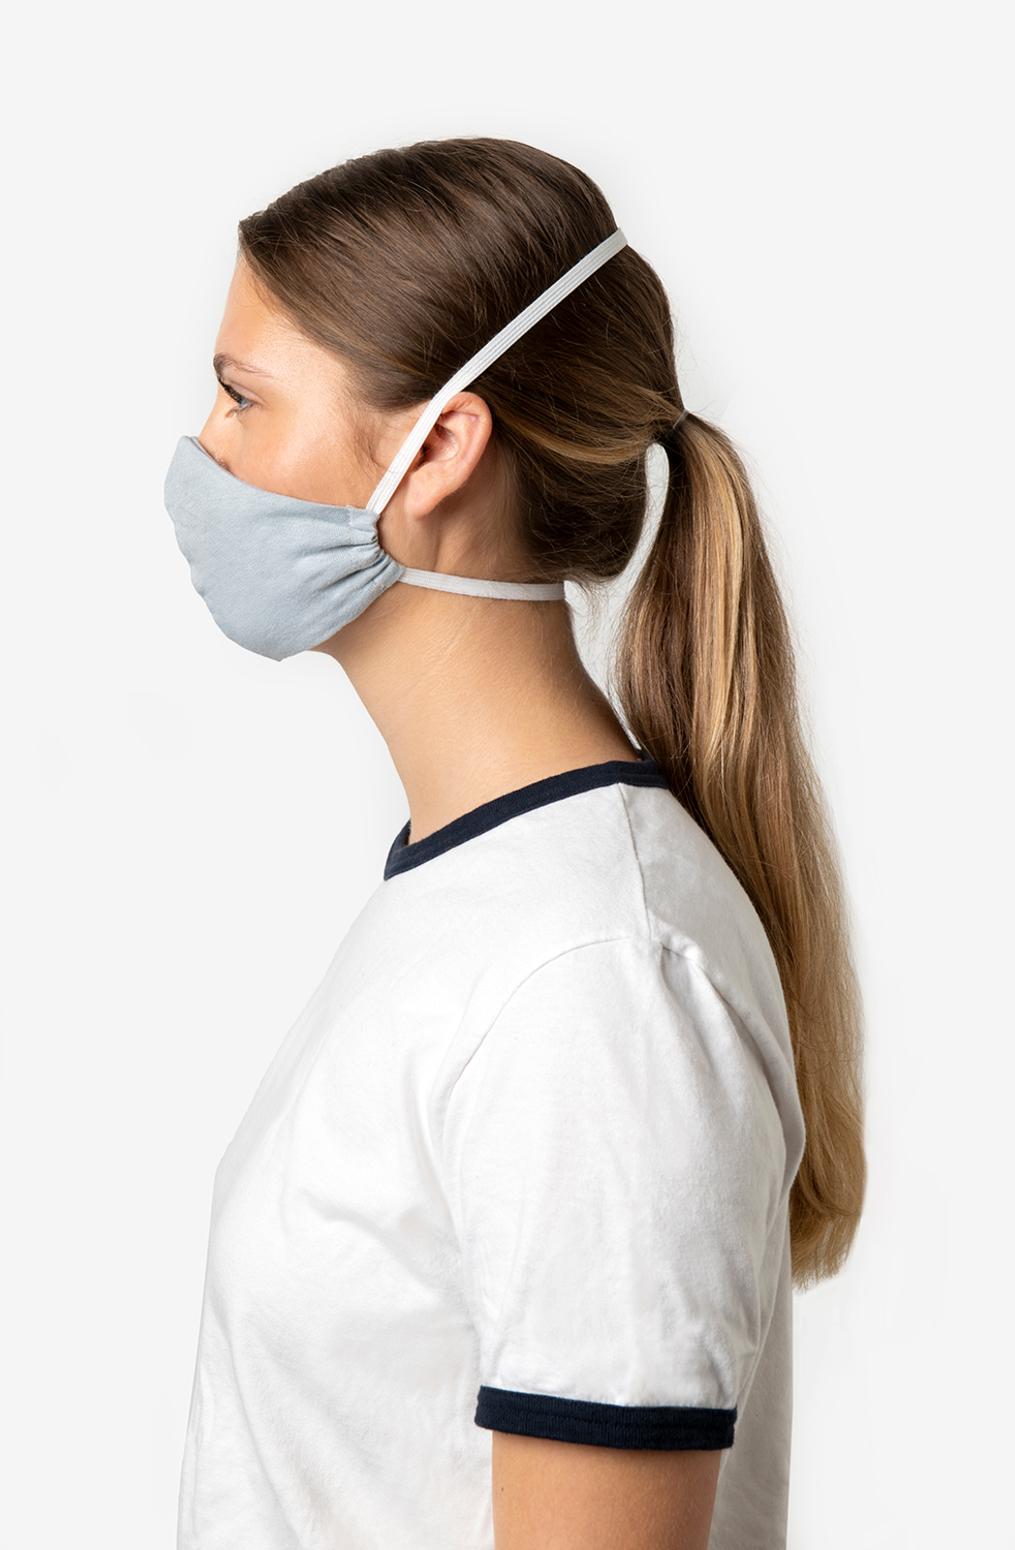 Alabama chanin building 14 reusable non medical face mask